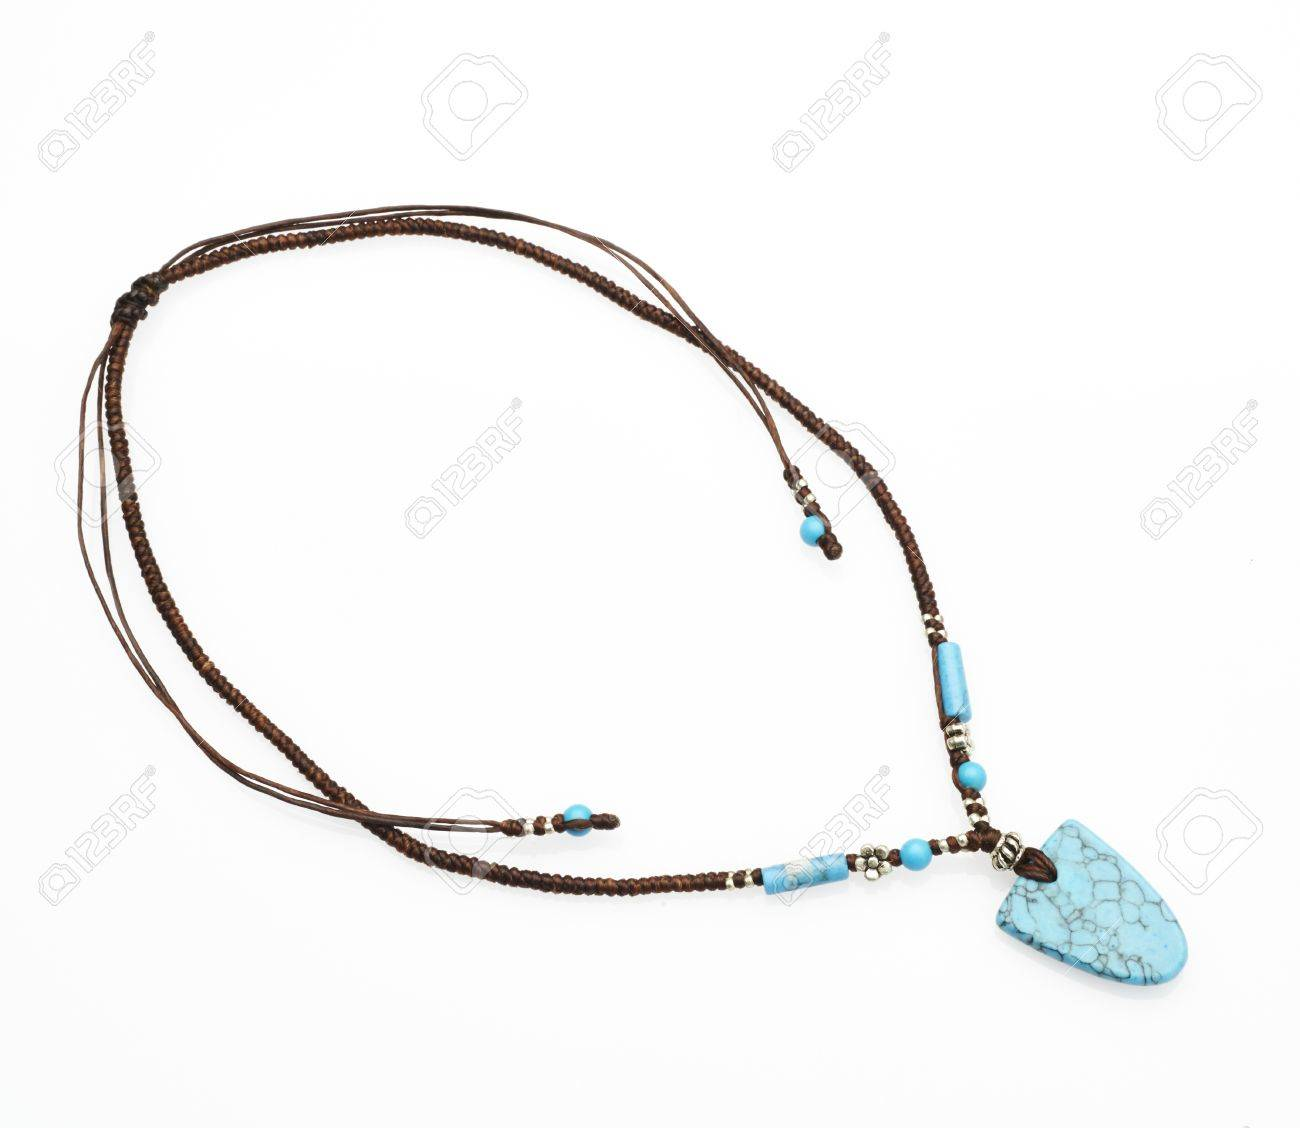 Jewelry Stock Photo - 18384264